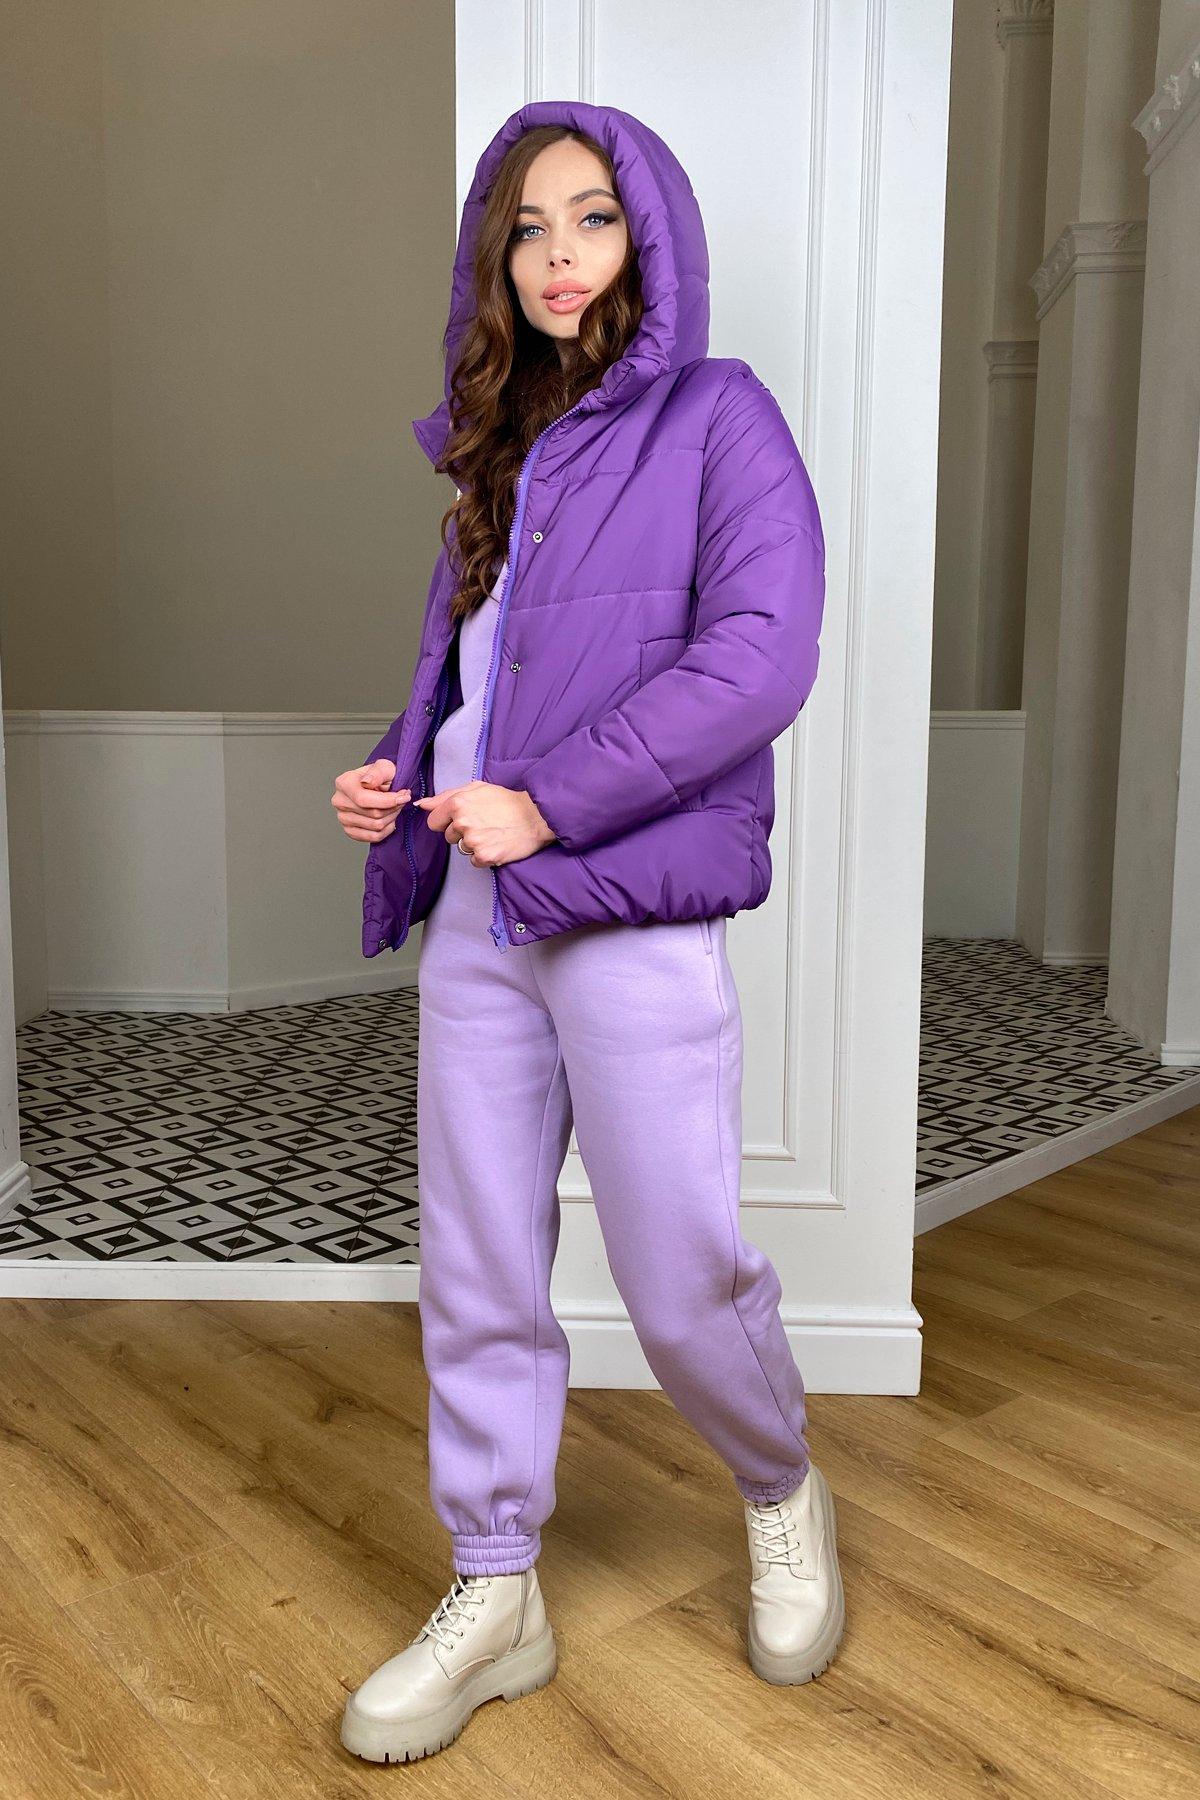 Рито  куртка из плащевой ткани Ammy  10443 АРТ. 46763 Цвет: Сиреневый 861 - фото 1, интернет магазин tm-modus.ru